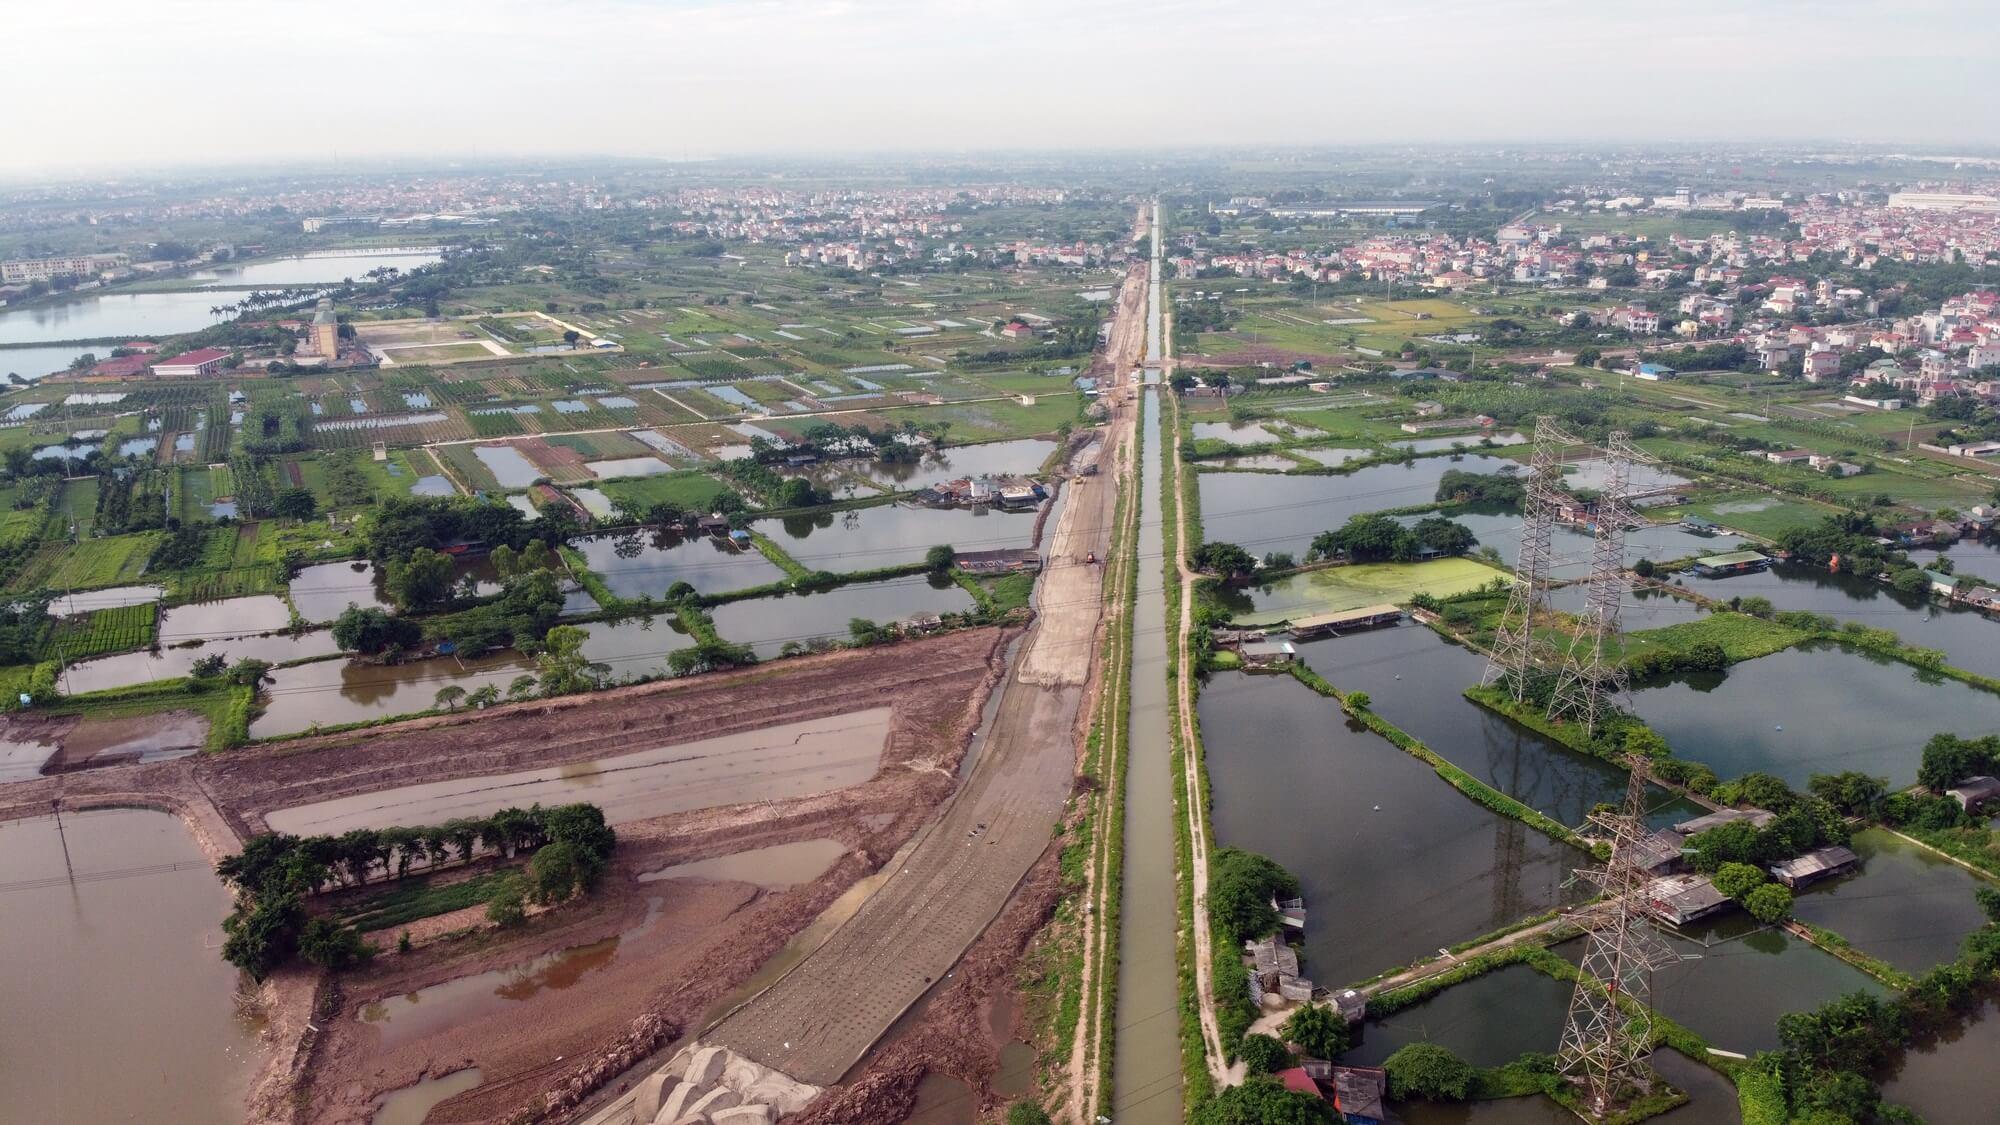 Tuyến đường vành đai 4 nối chân cầu Mễ Sở đi cắt tuyến đường nối từ KCN Bắc Thường Tín đến tỉnh lộ 427.